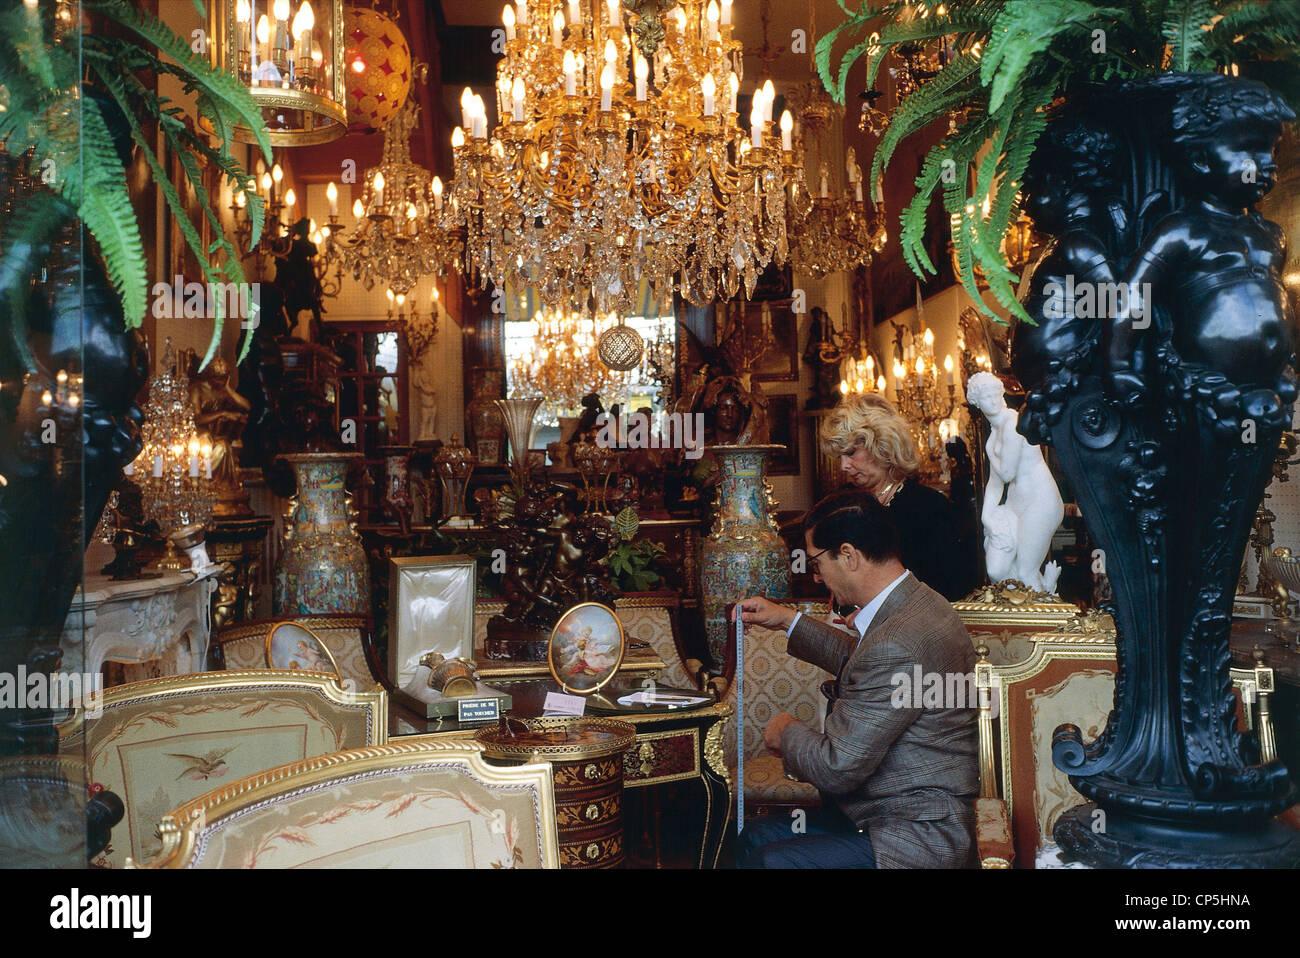 france paris saint ouen marche biron flea market. Black Bedroom Furniture Sets. Home Design Ideas